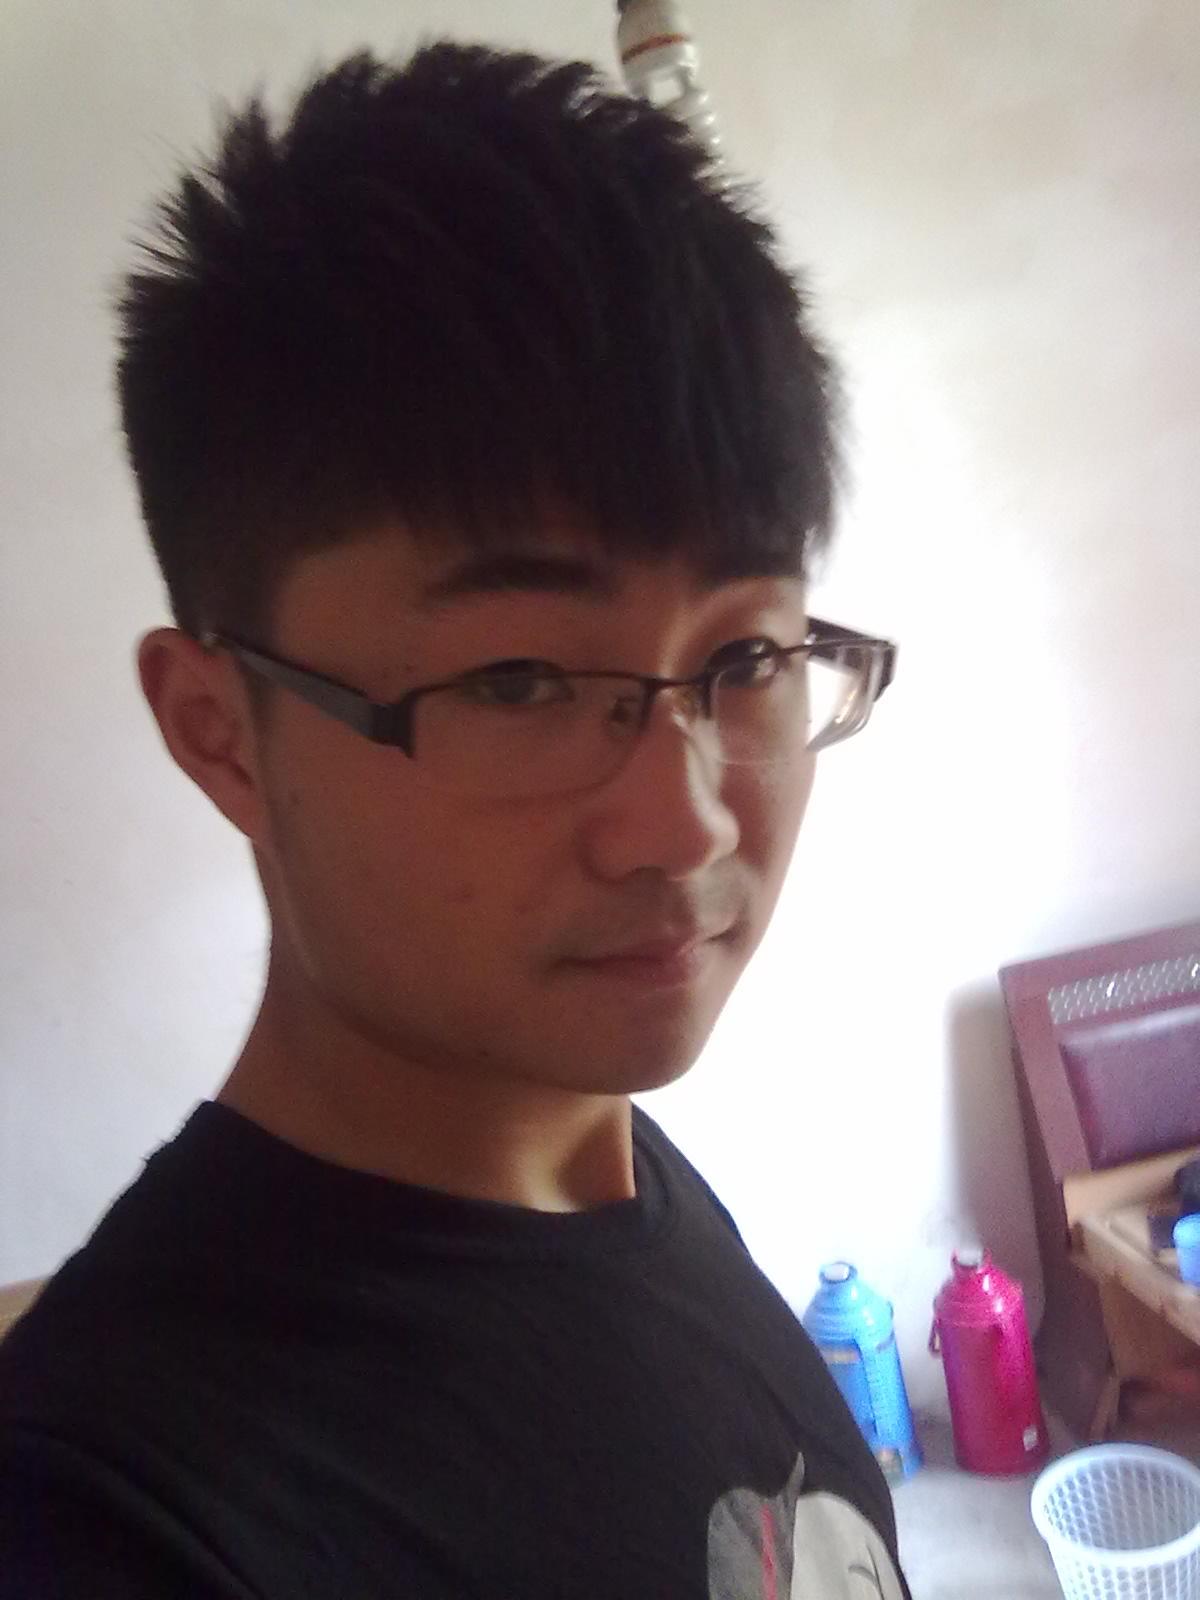 男生头型与发型 潮流烫发塑完美_发型设计图片